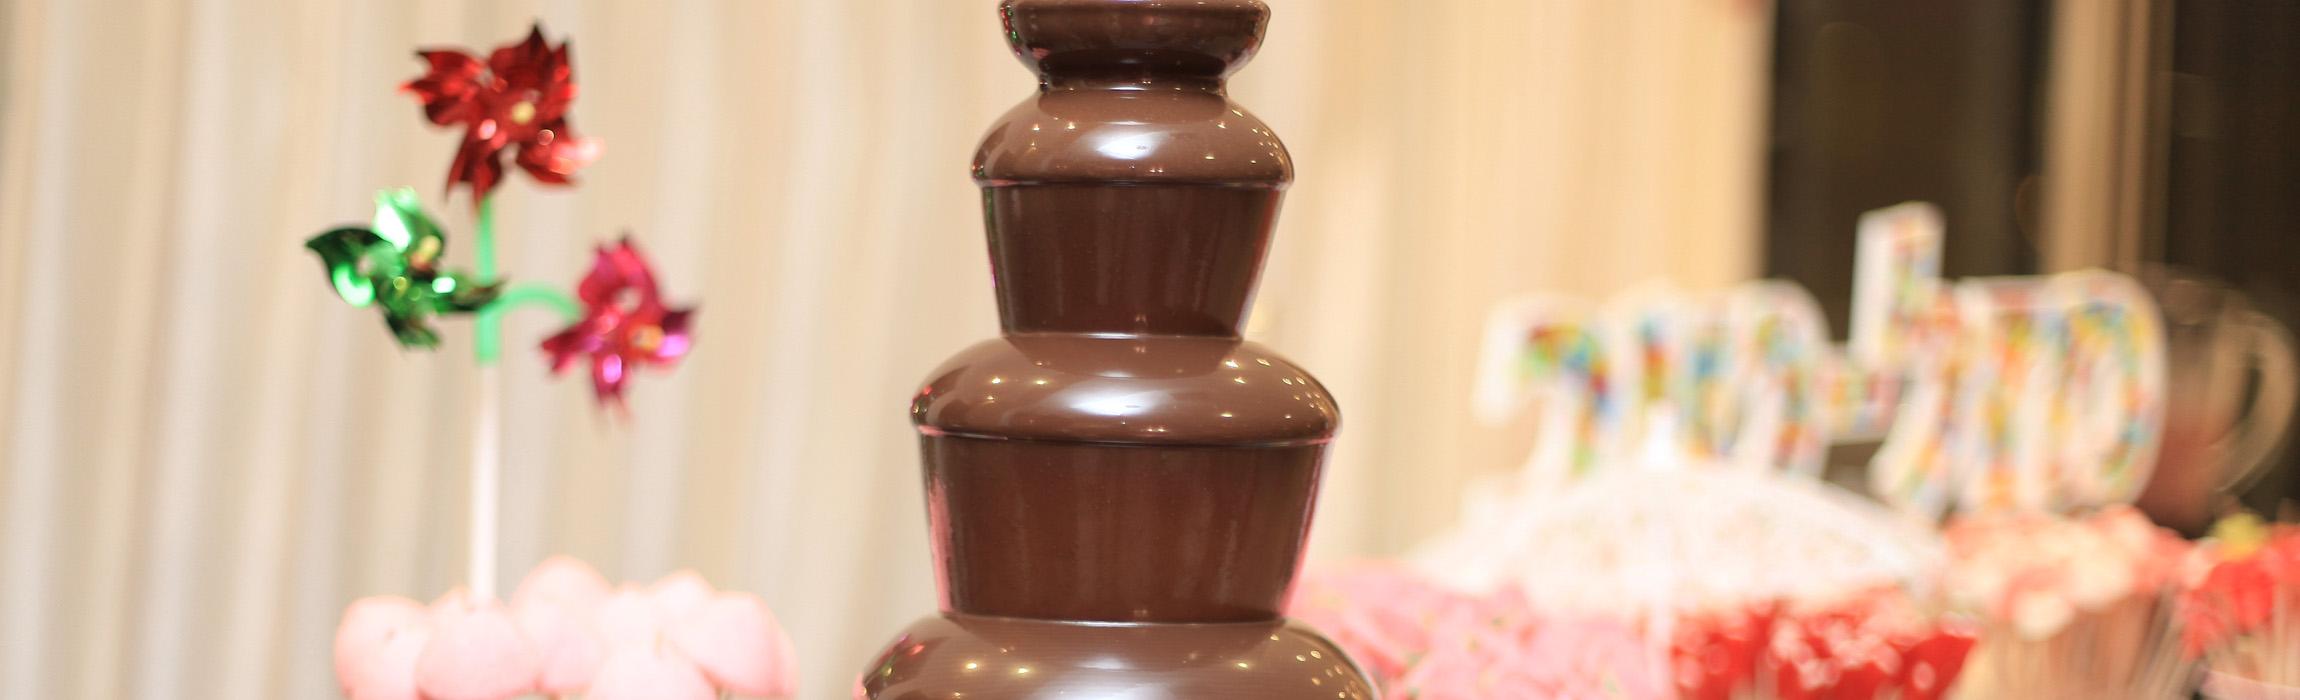 מפלי שוקולד לטבילת פירות וממתקים